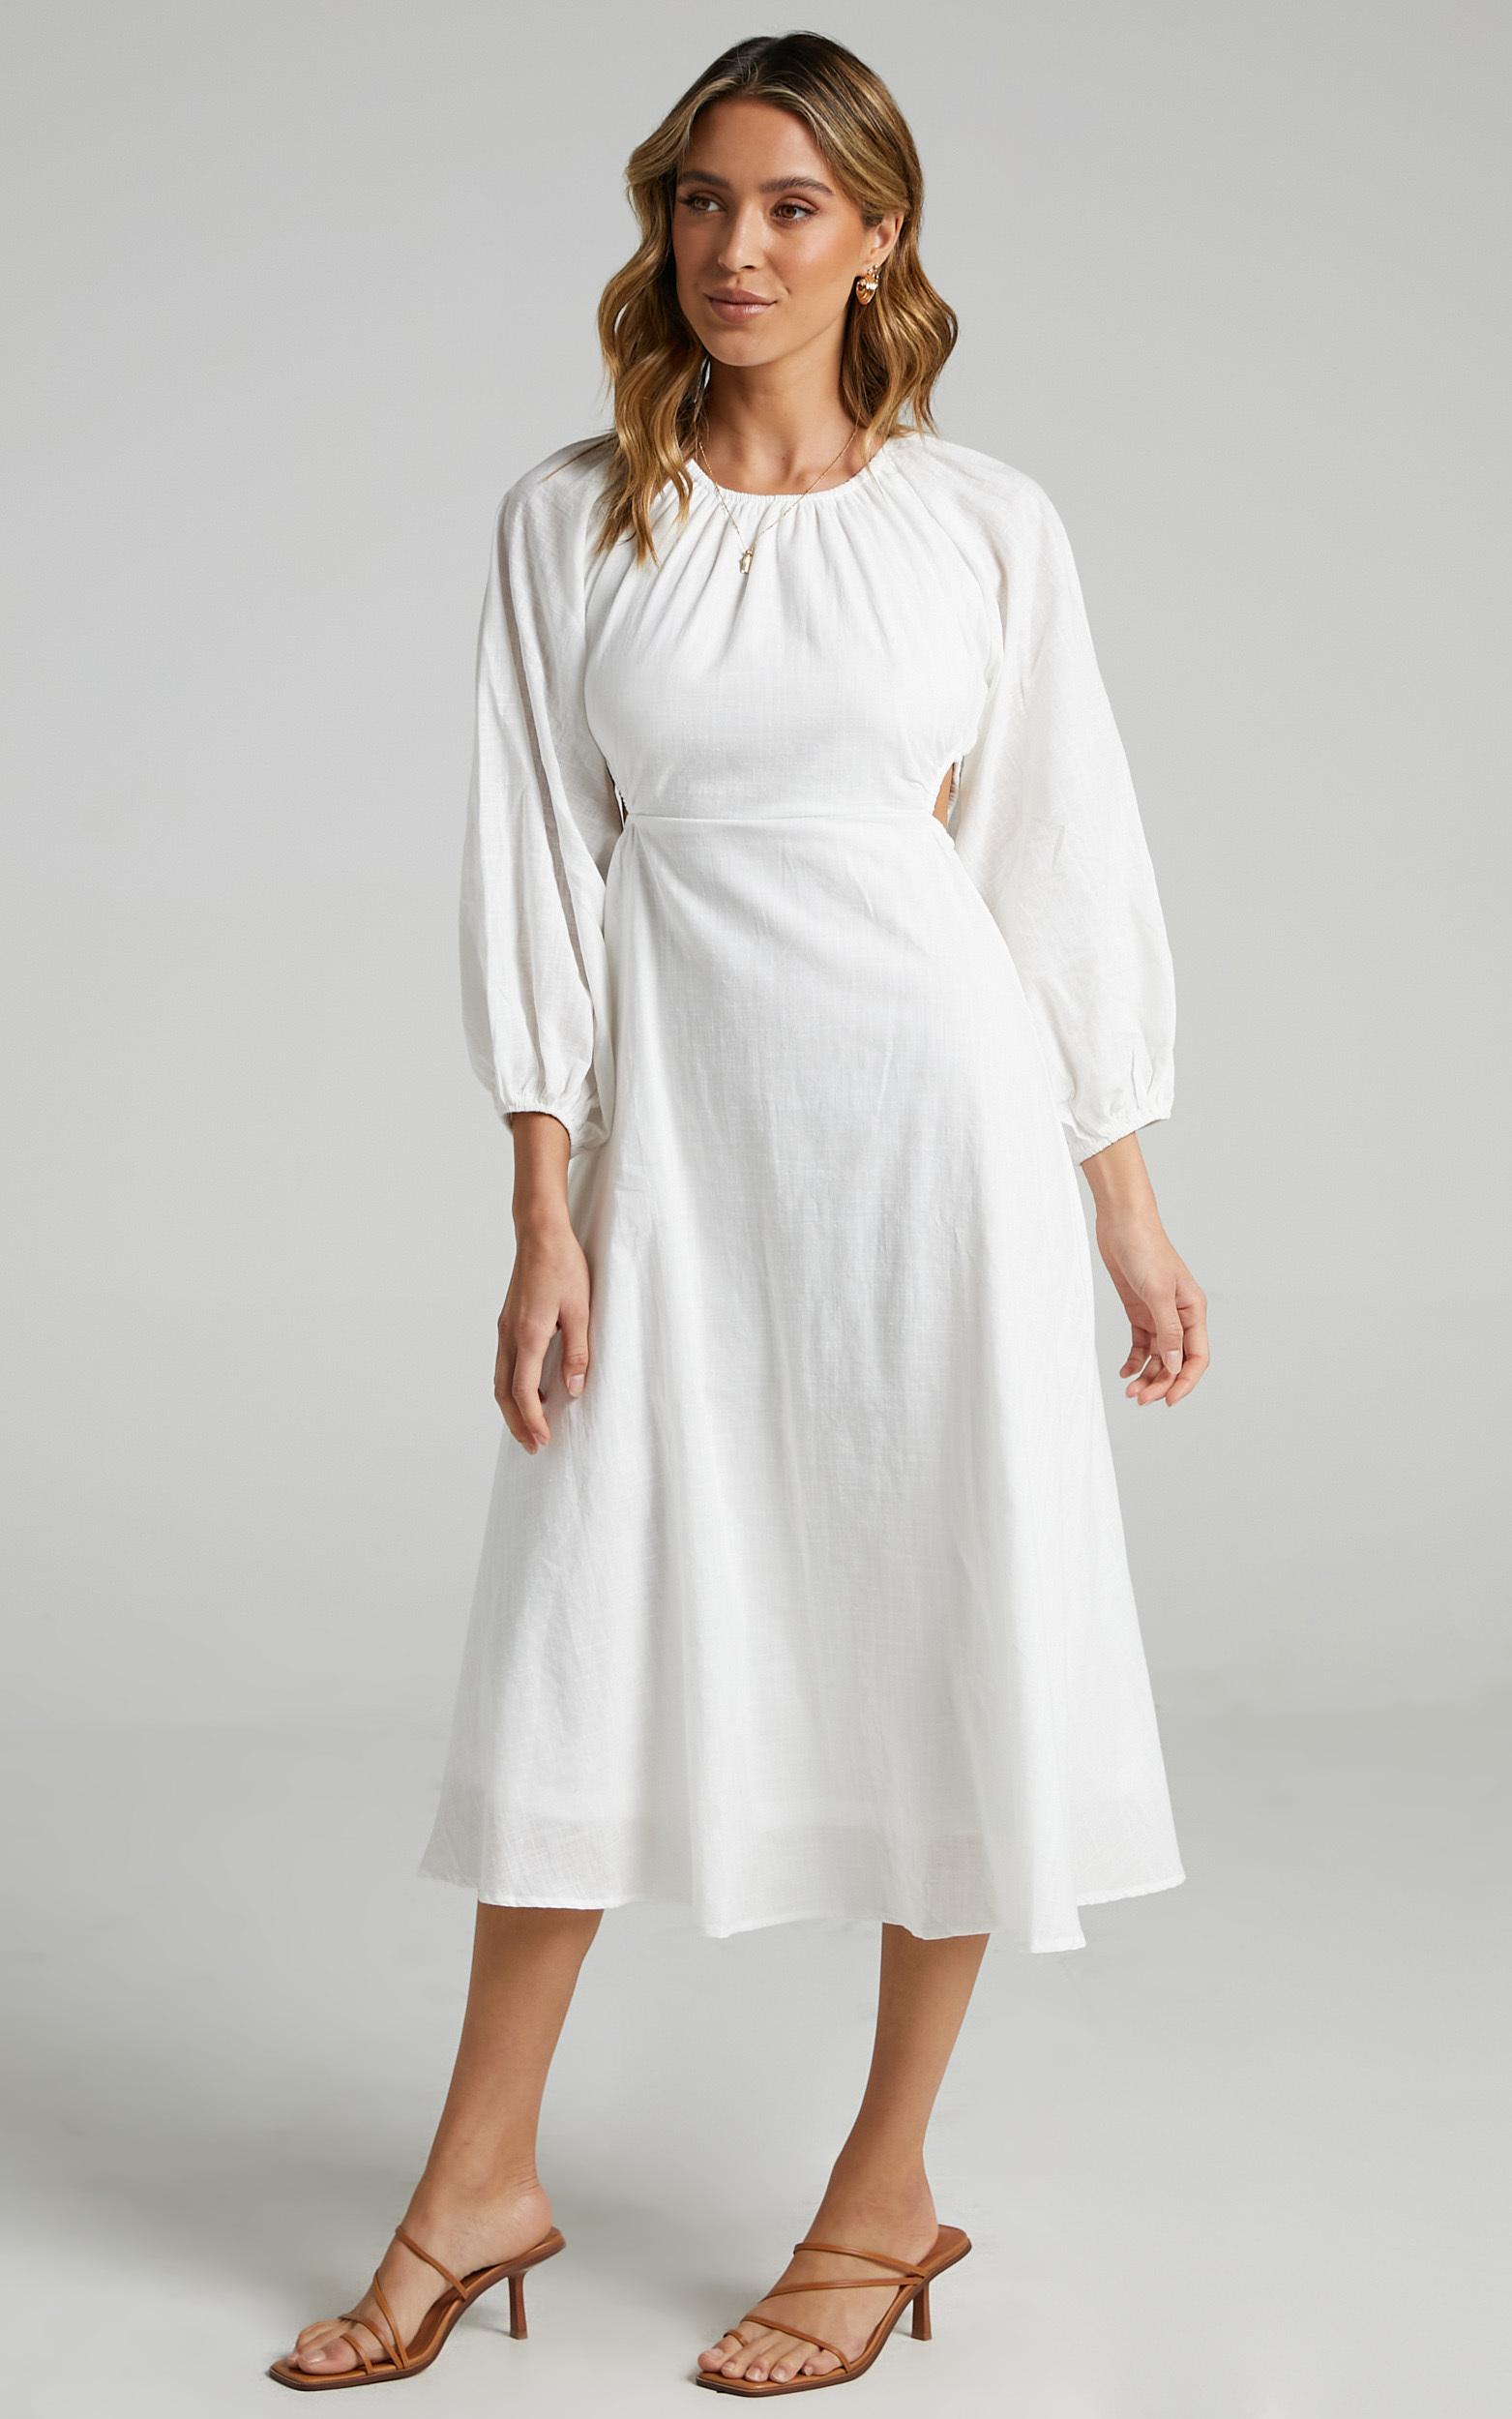 Bennett Dress in White - 06, WHT1, hi-res image number null